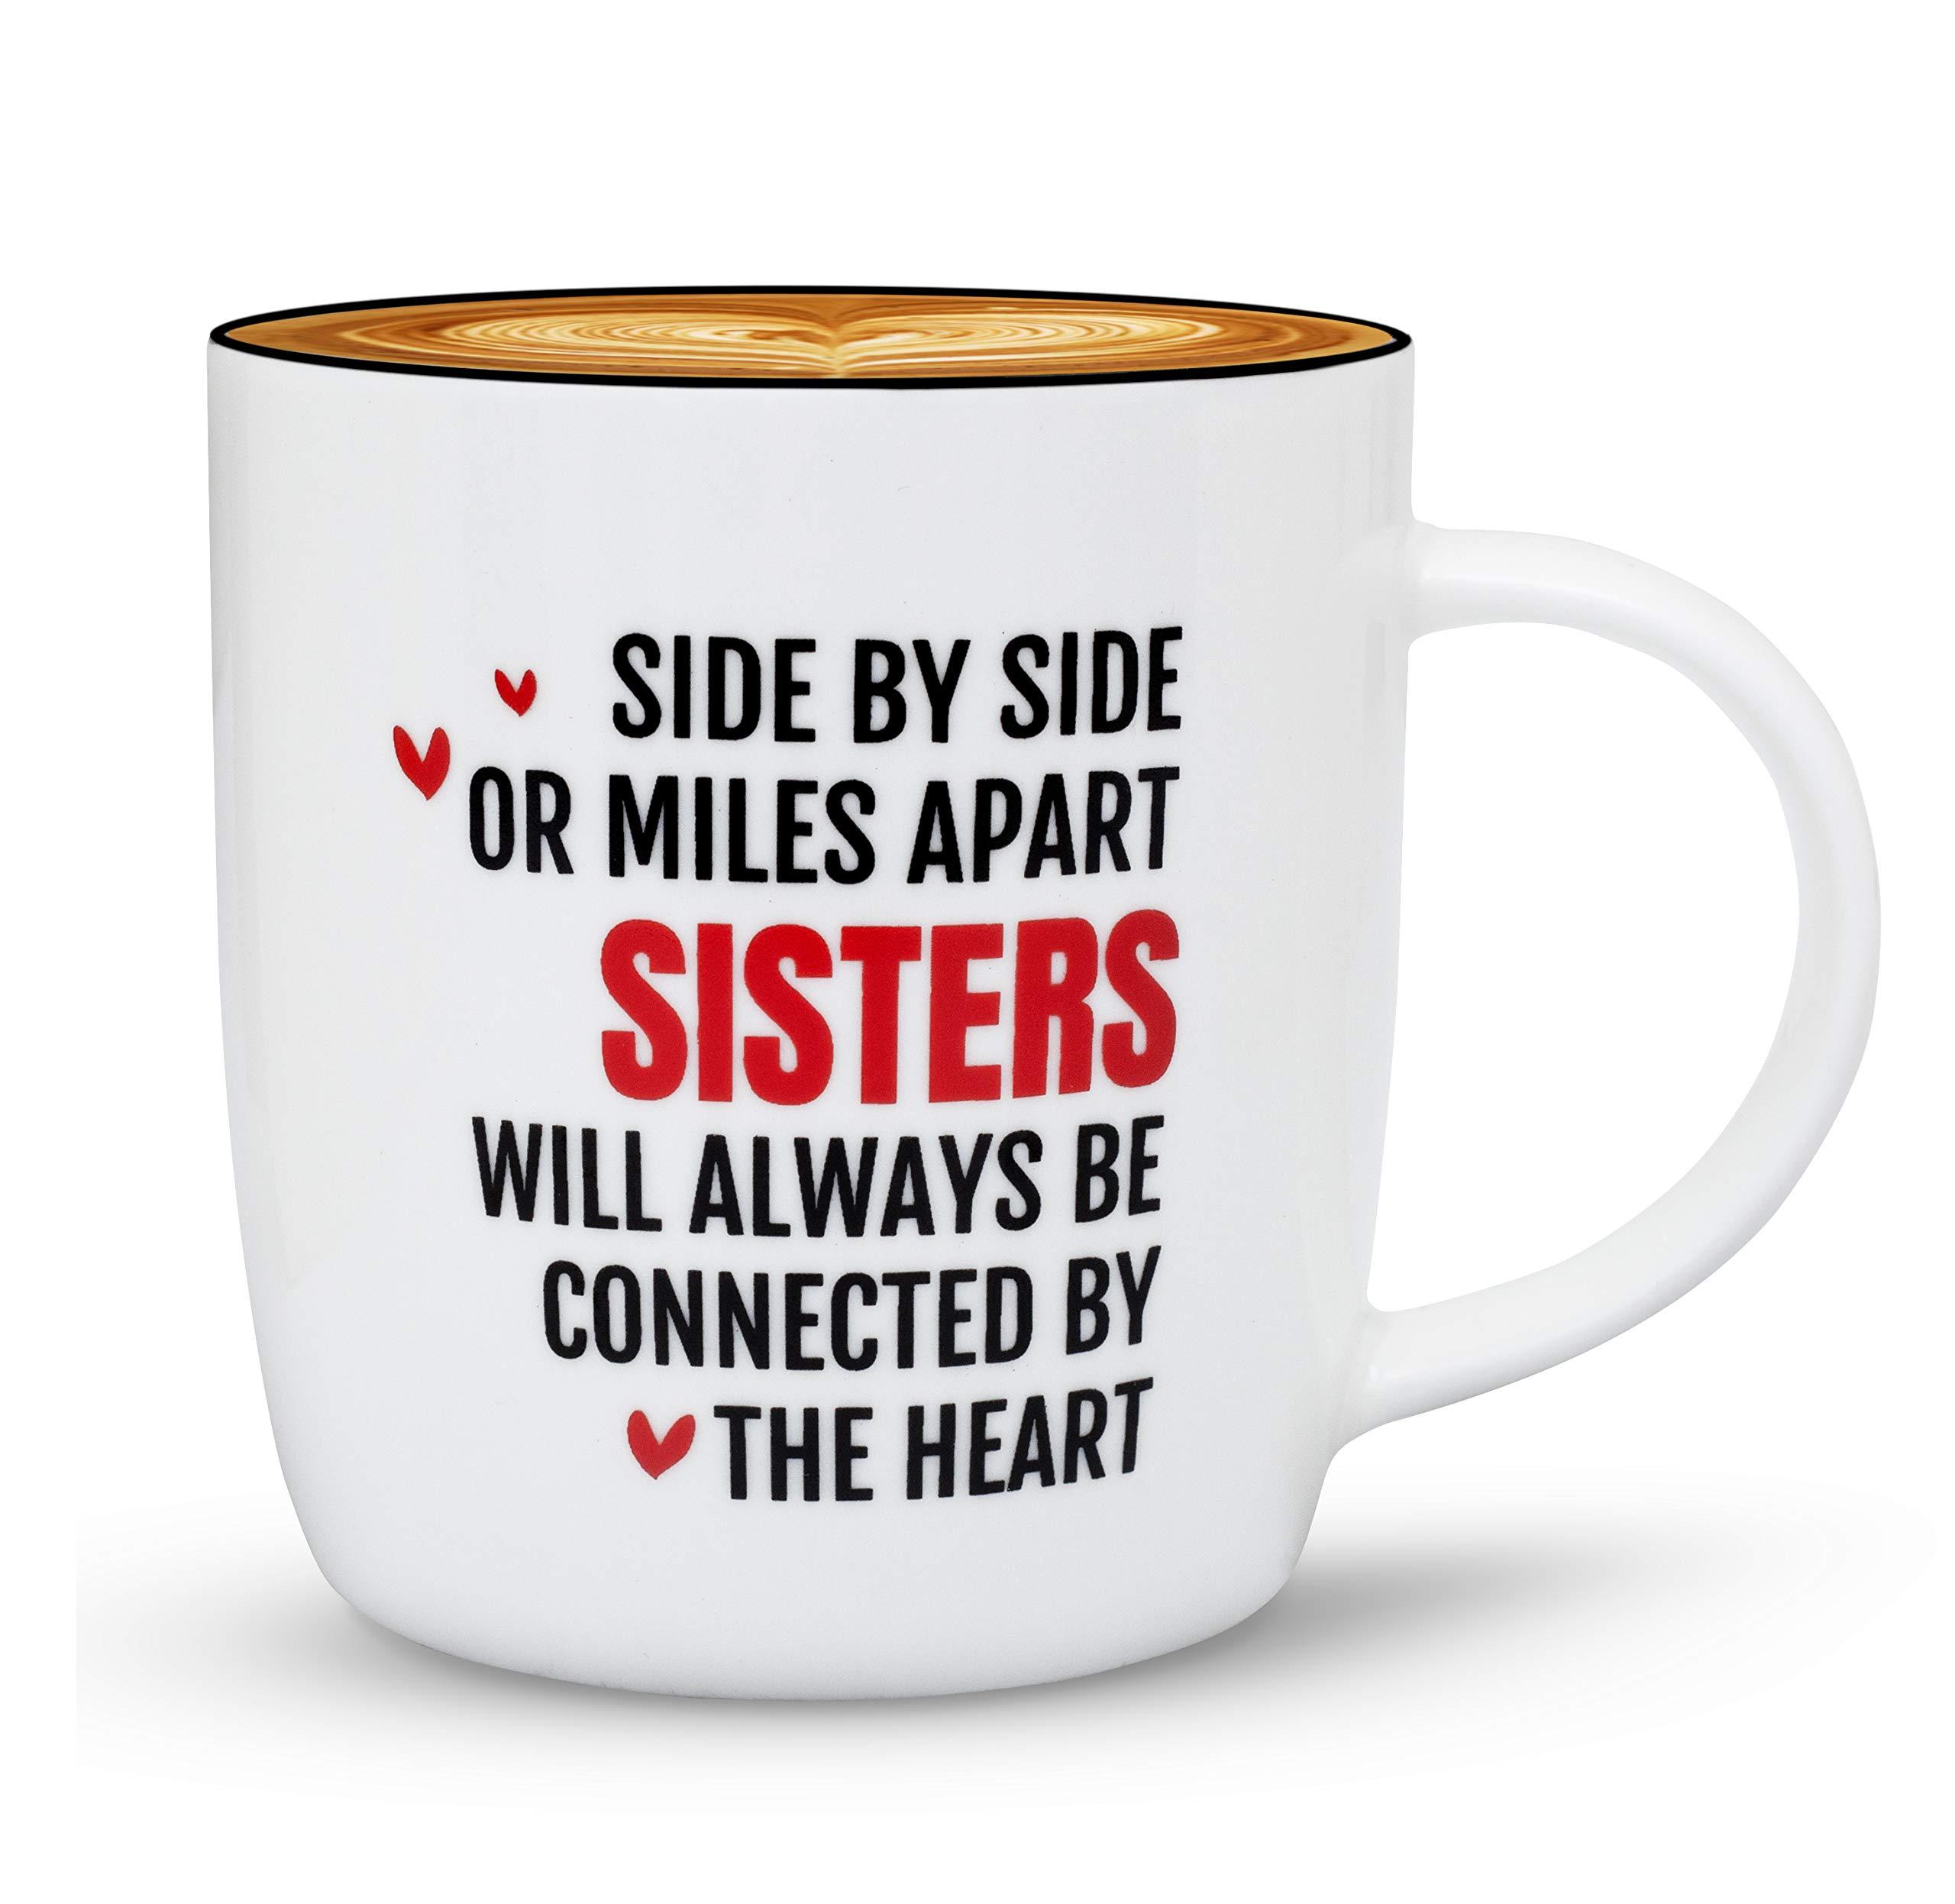 Triple Gifffted Beste Schwester Kaffeetasse, Tasse Geschenke für Schwestern Geburtstag, Becher Mit Spruch Geschenk…